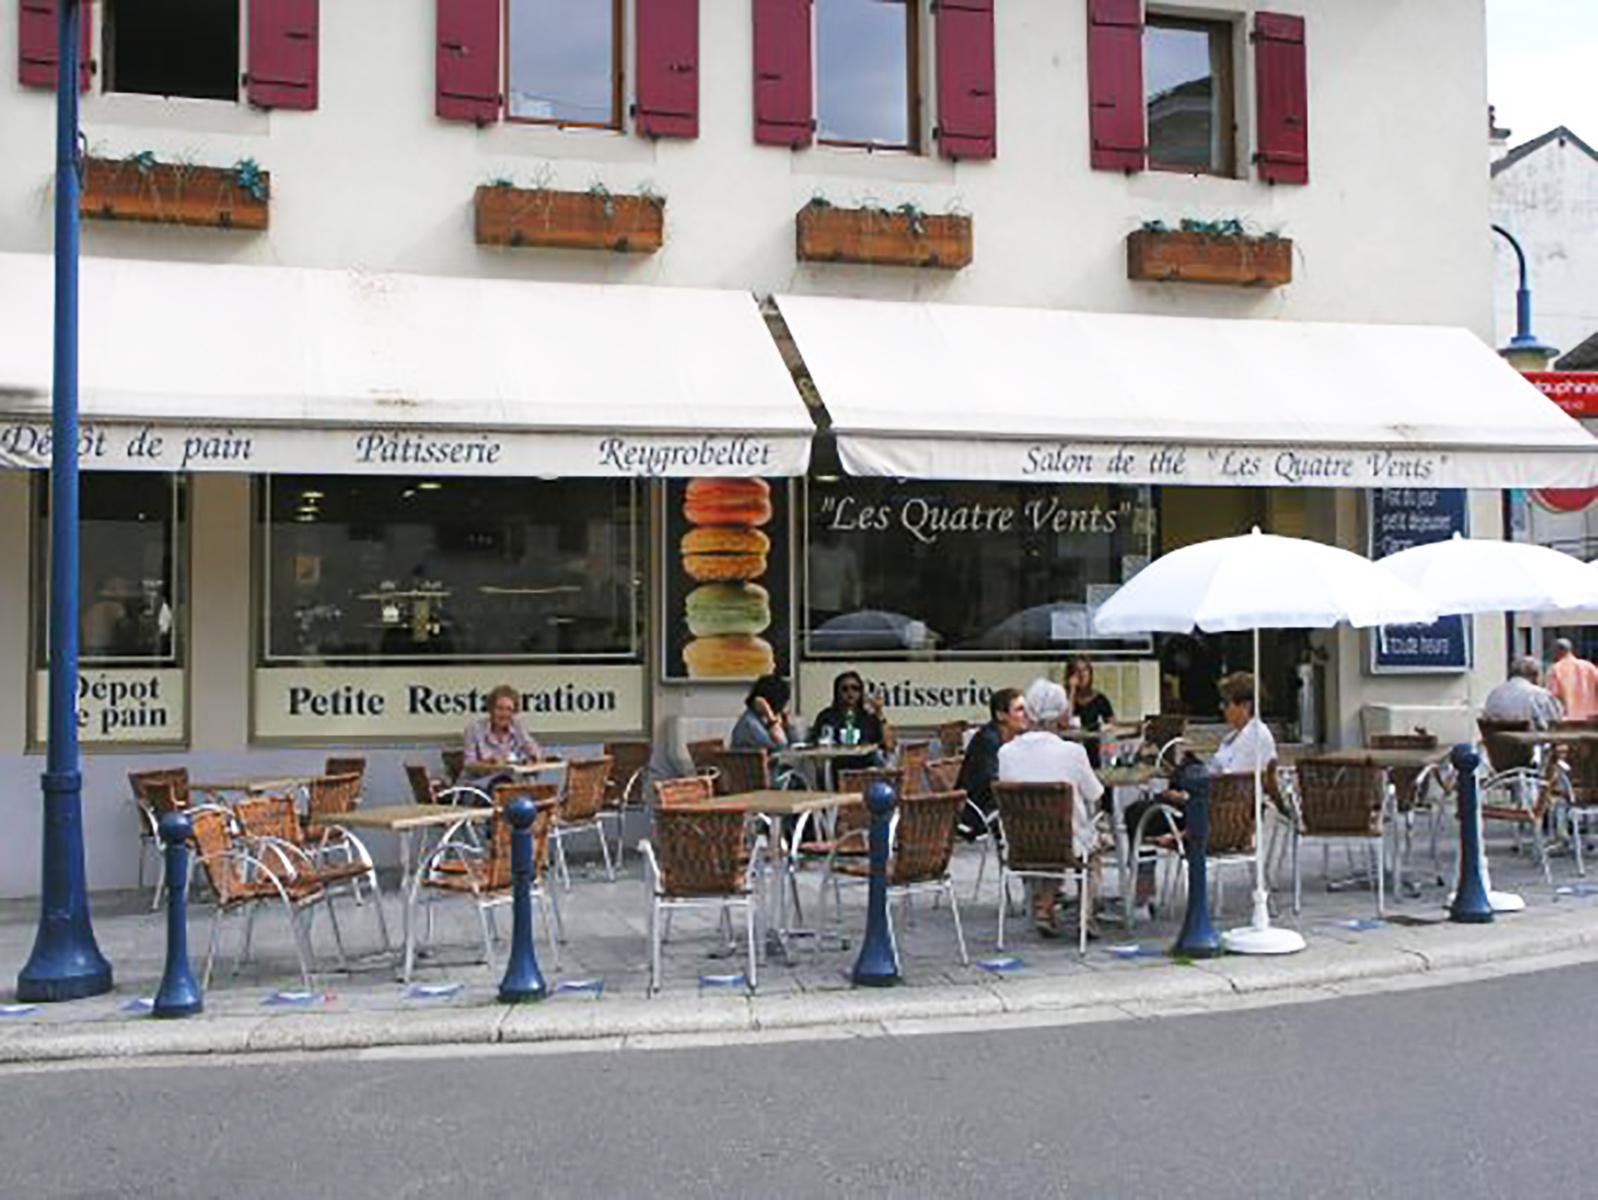 Salon de thé Les Quatre Vents